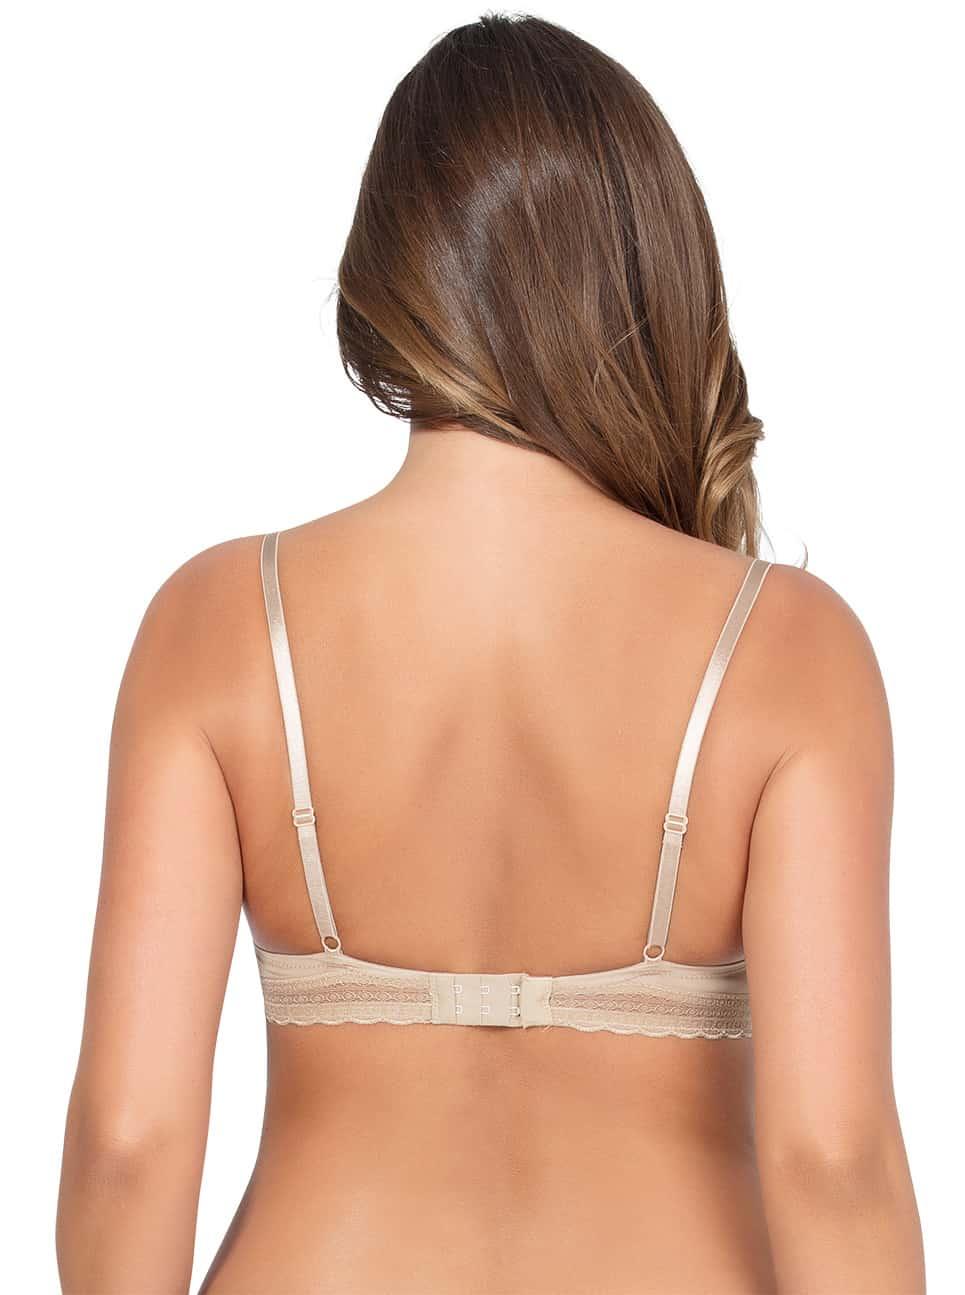 Emma Wire FreeSoftPaddedBraP5491 Bare Back - Emma Wire-Free Soft Padded Bra - Bare - P5491